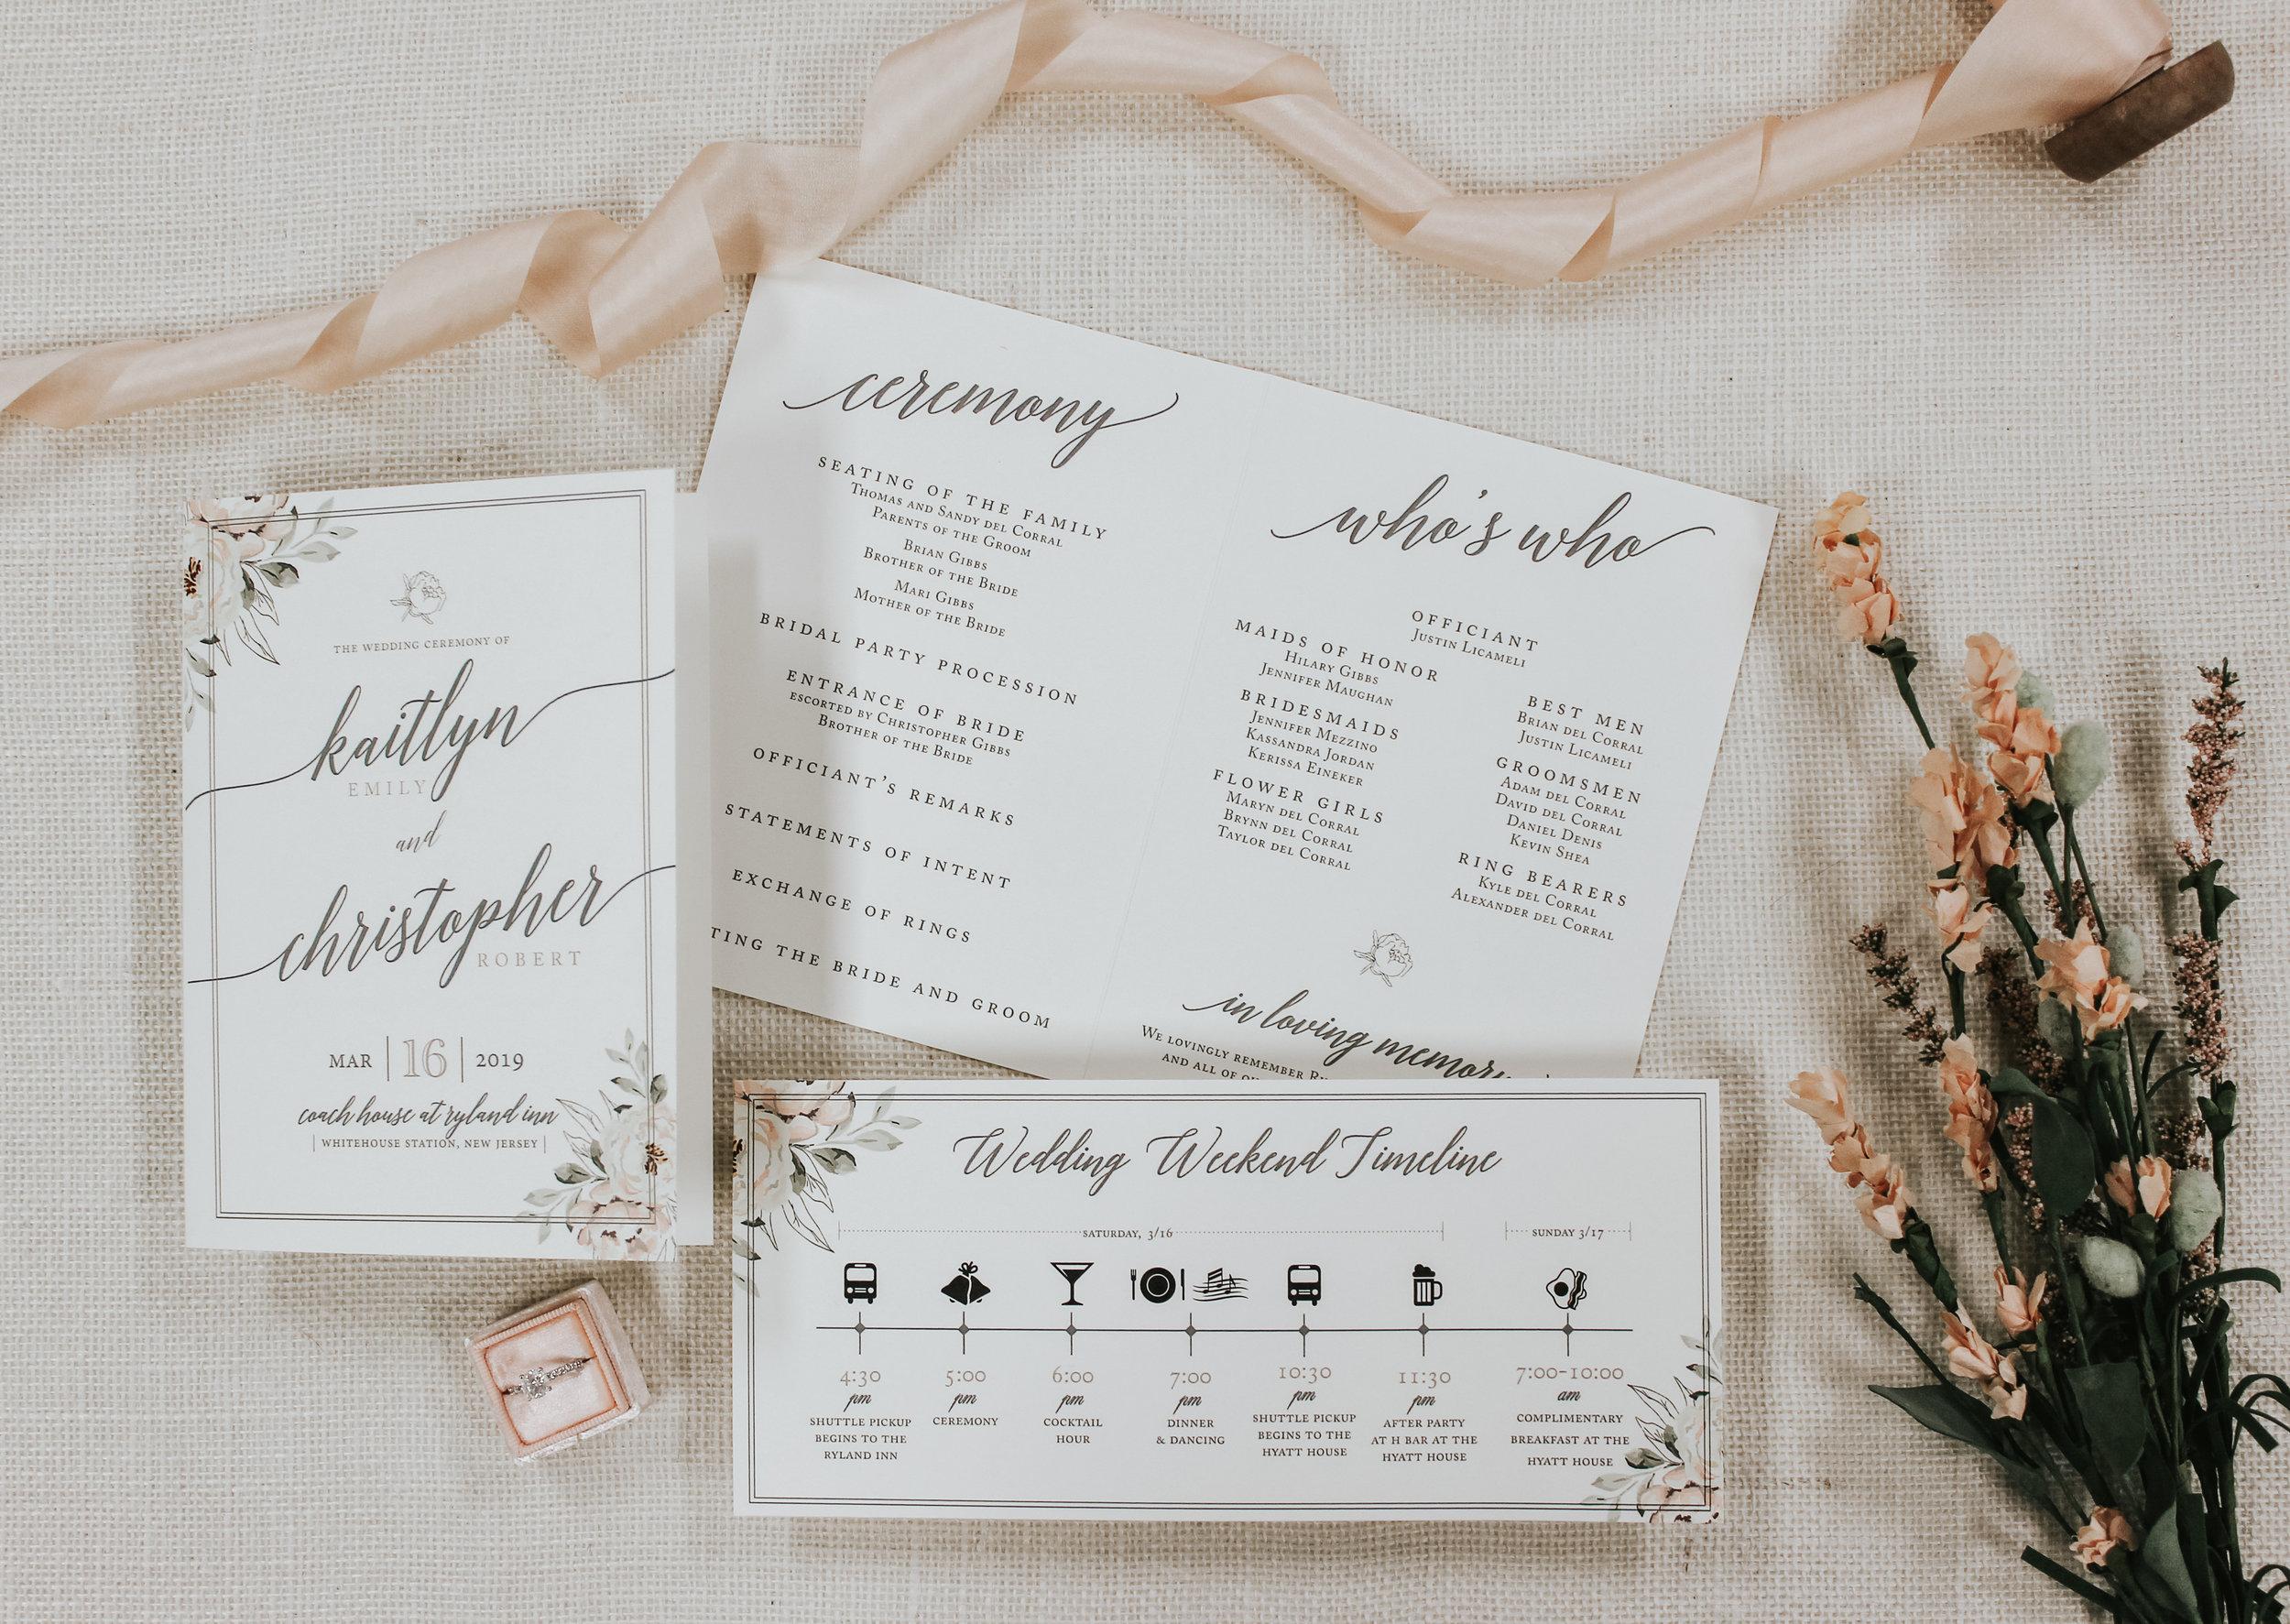 Kaitlyn - Reception Materials.jpg